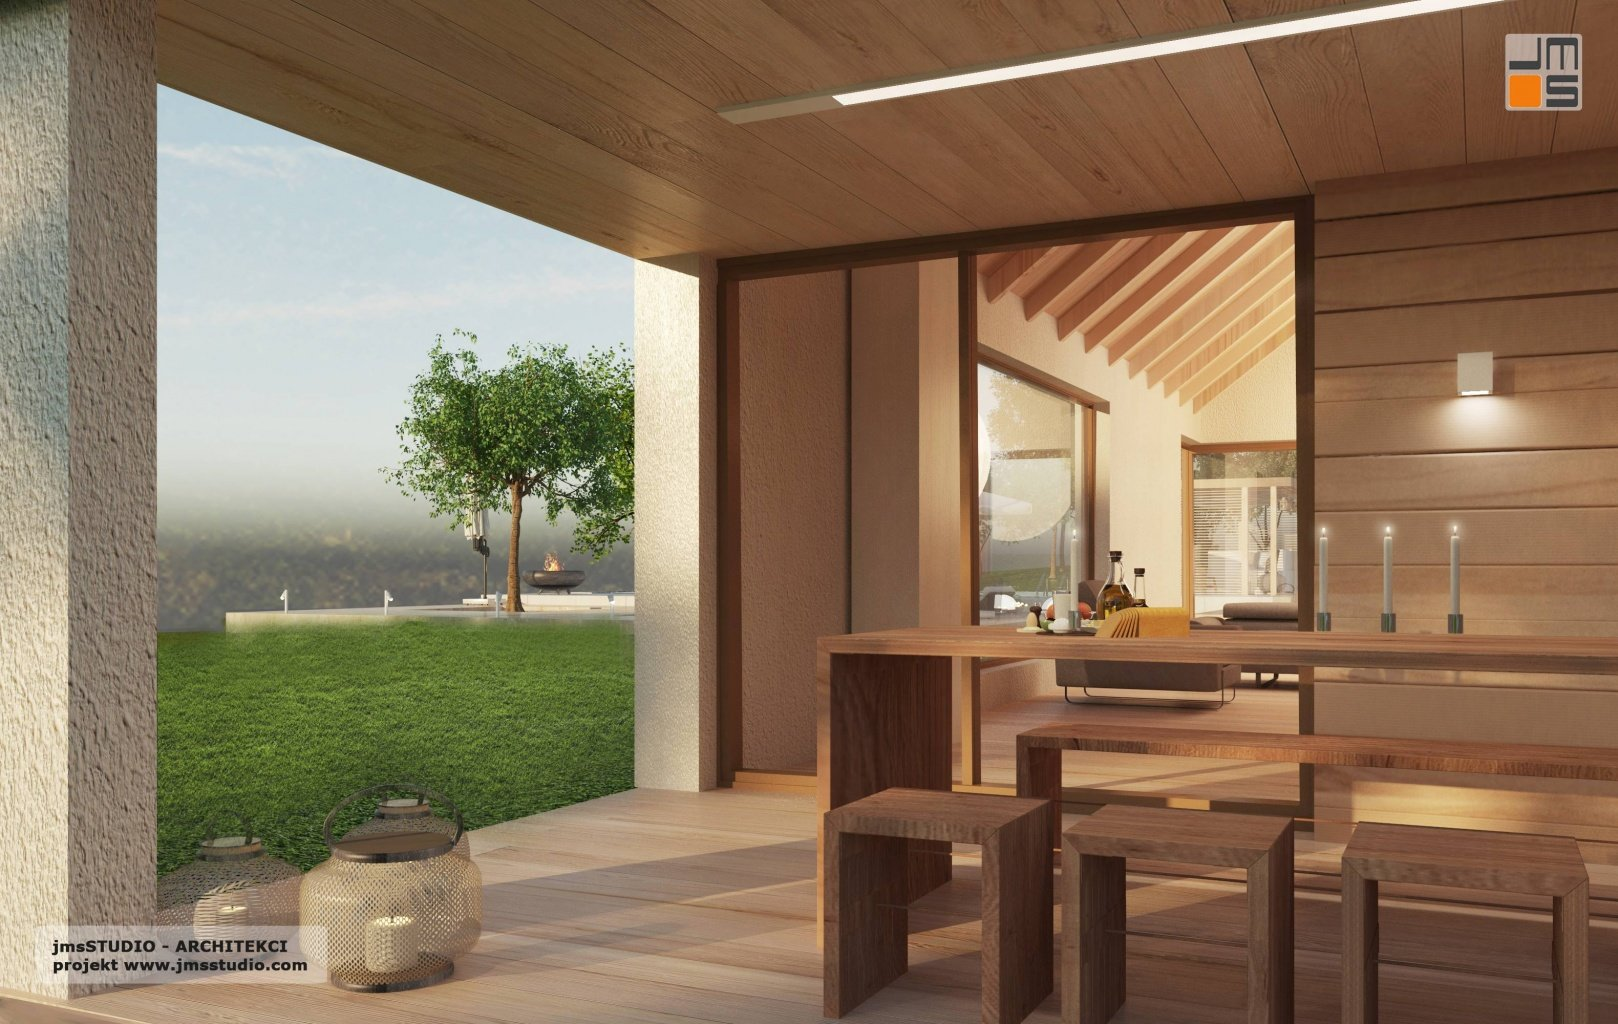 Projekt domu z nowoczesny taras drewniany z drewno na elewacji tarasowej z nowoczesne oświetlenie tarasu